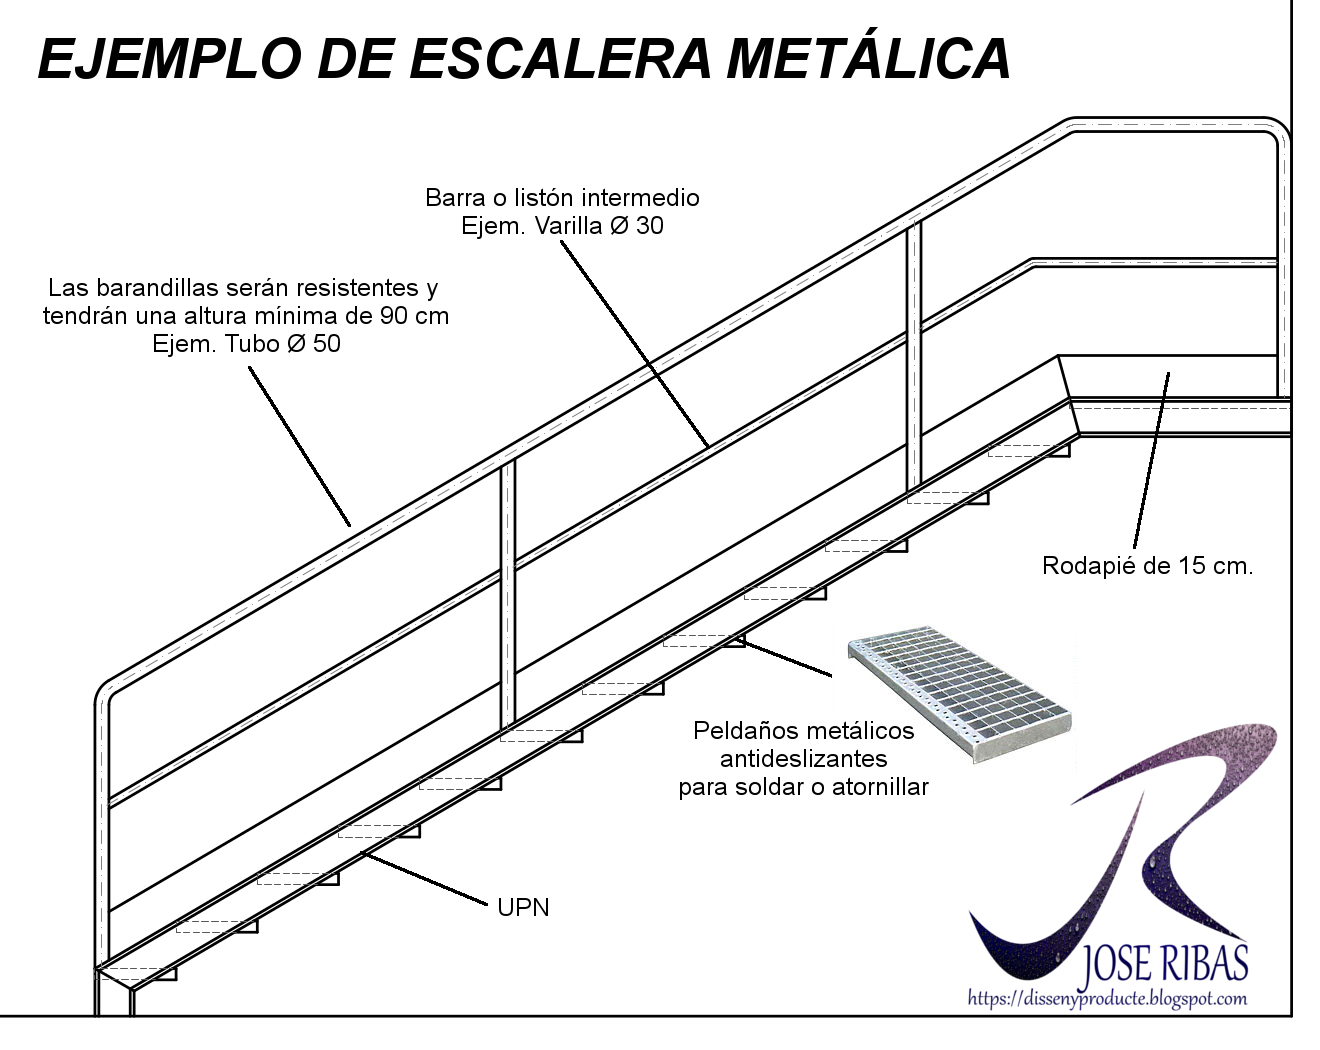 Ejemplo de escalera met lica de uso industrial disseny for Como construir una escalera metalica